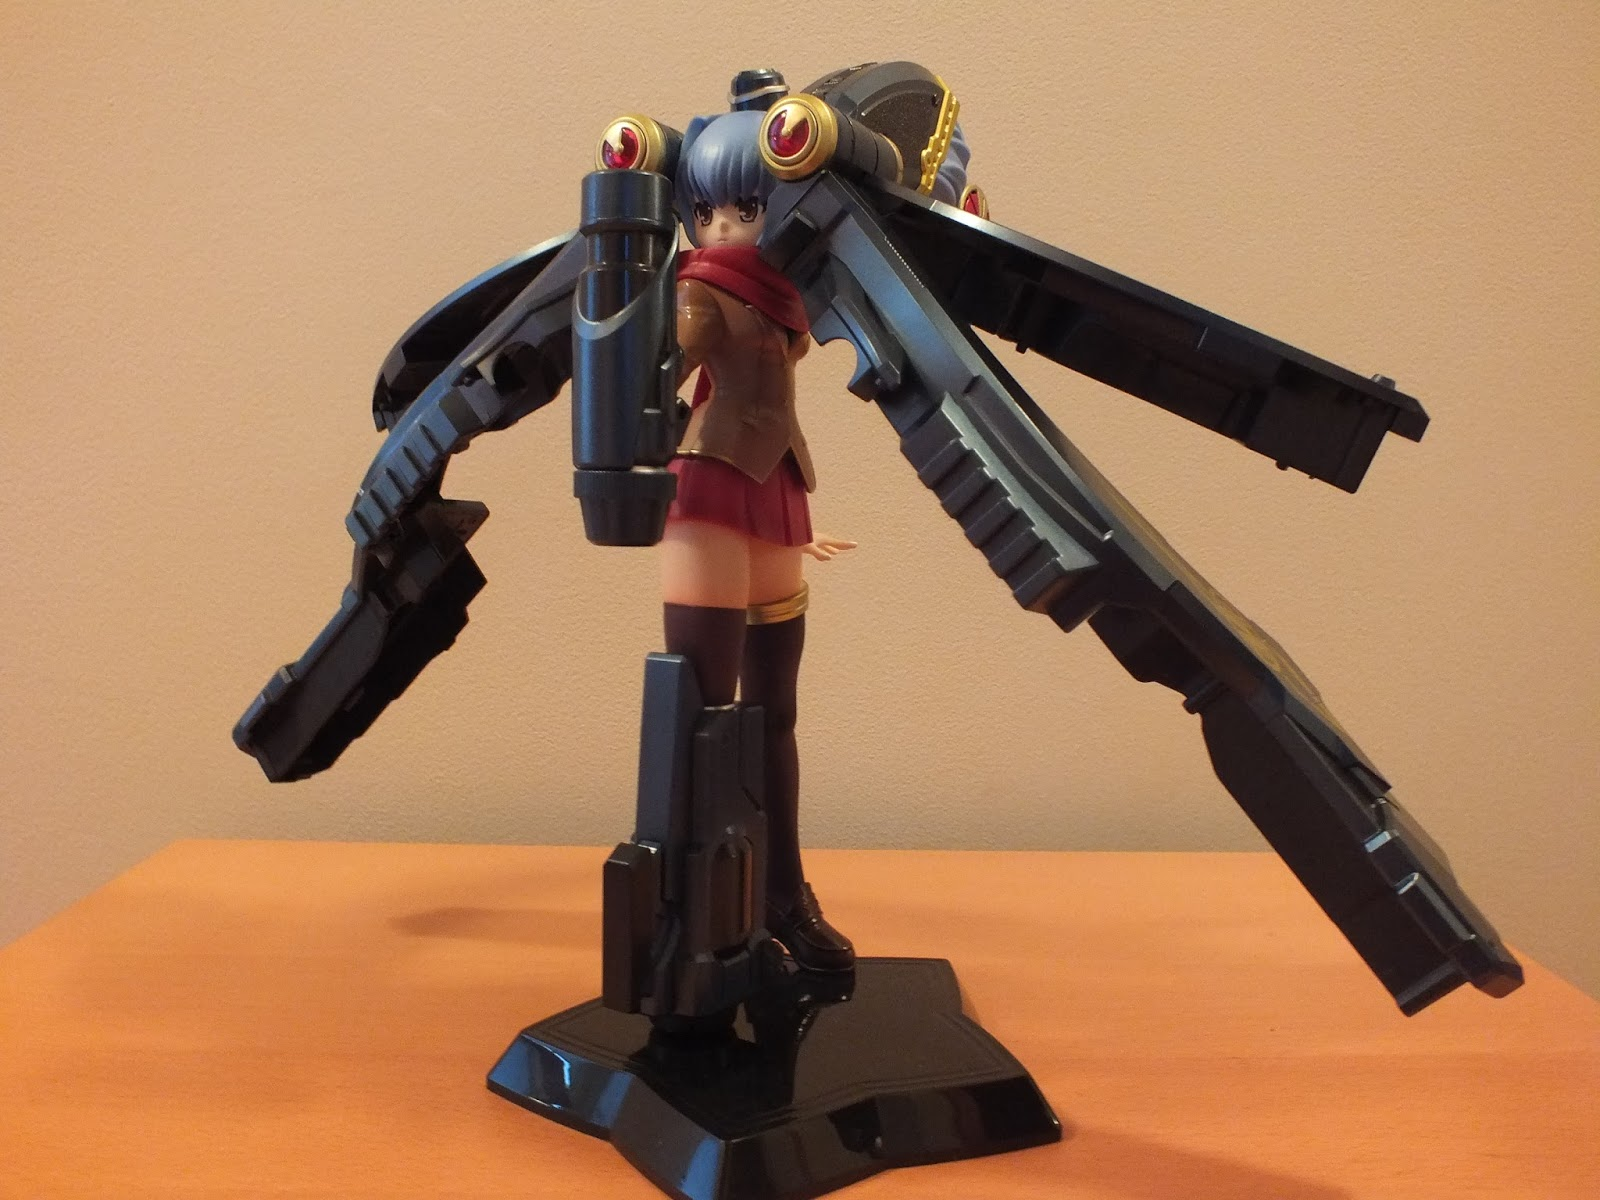 Unofficial Sentai Akibaranger DX MMZ-02 Munyu Munyu Zubaan Figur... FROM JAPAN